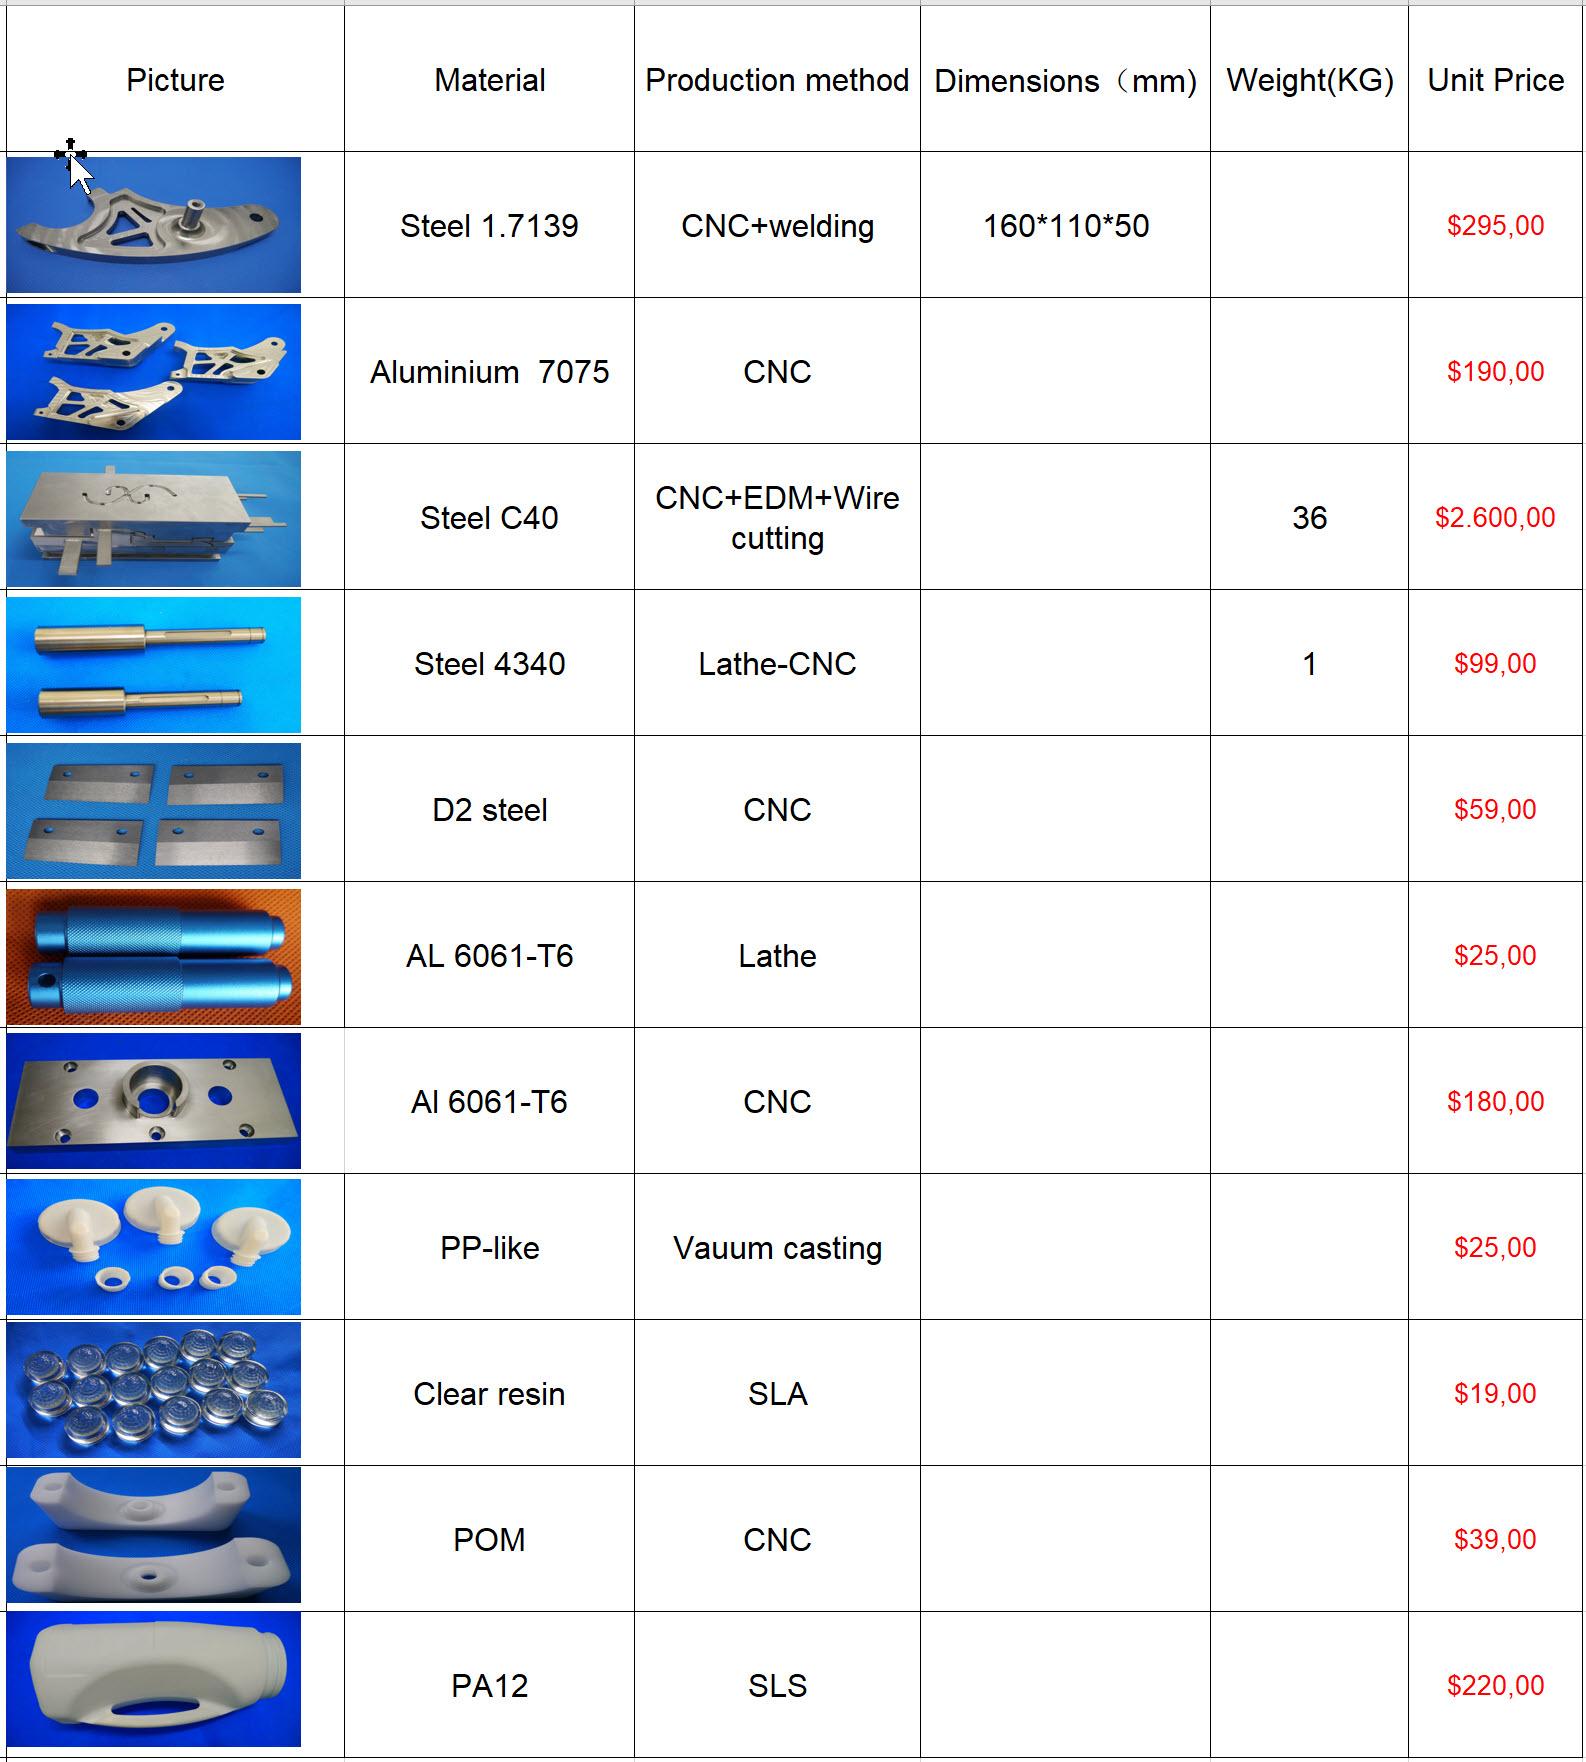 Priseksempler på Prototypeservice - Prototypeproduktion. 3D Printing og CNC